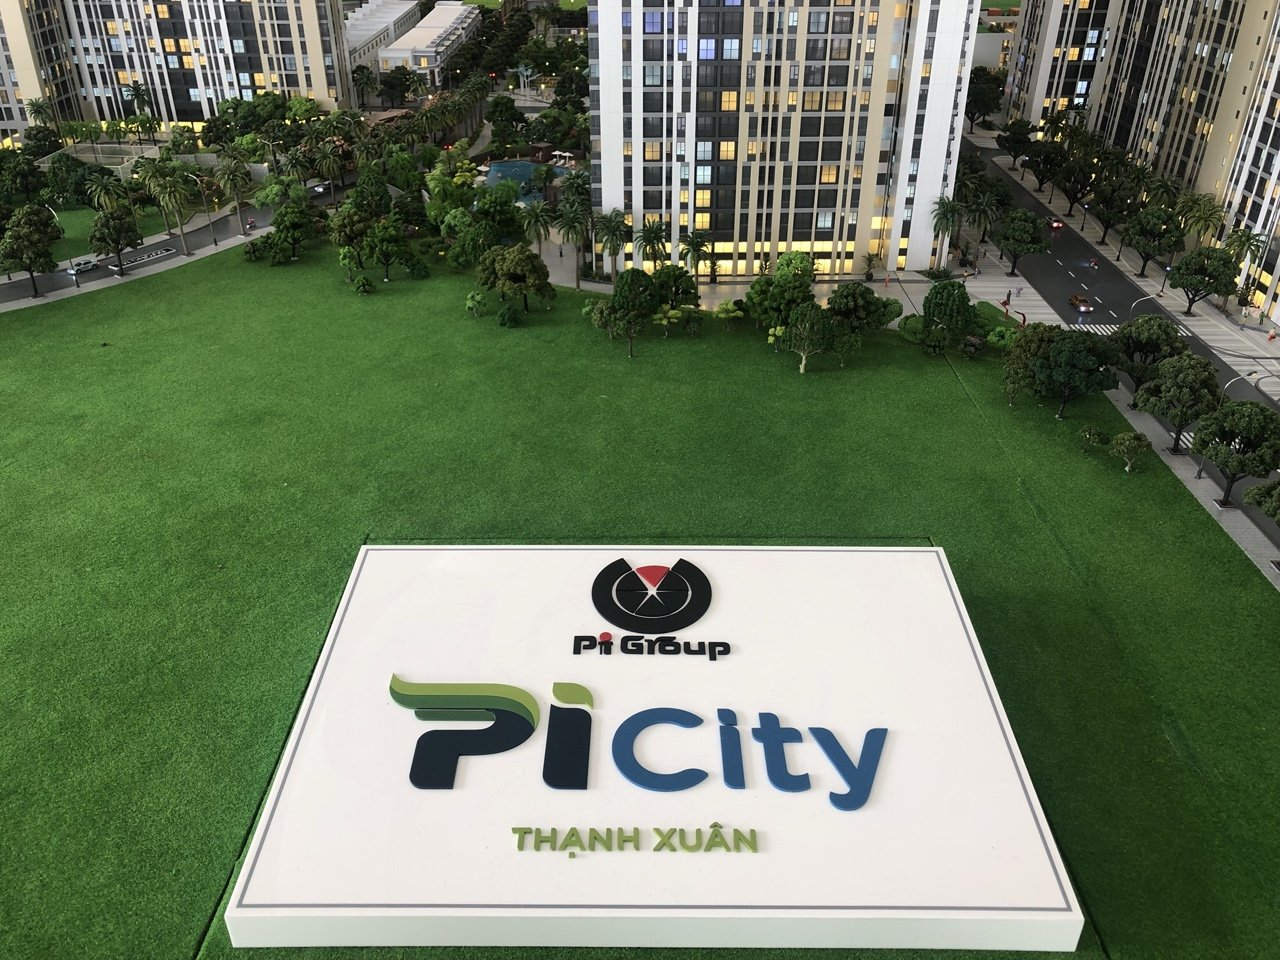 Logo Picity Thạnh Xuân